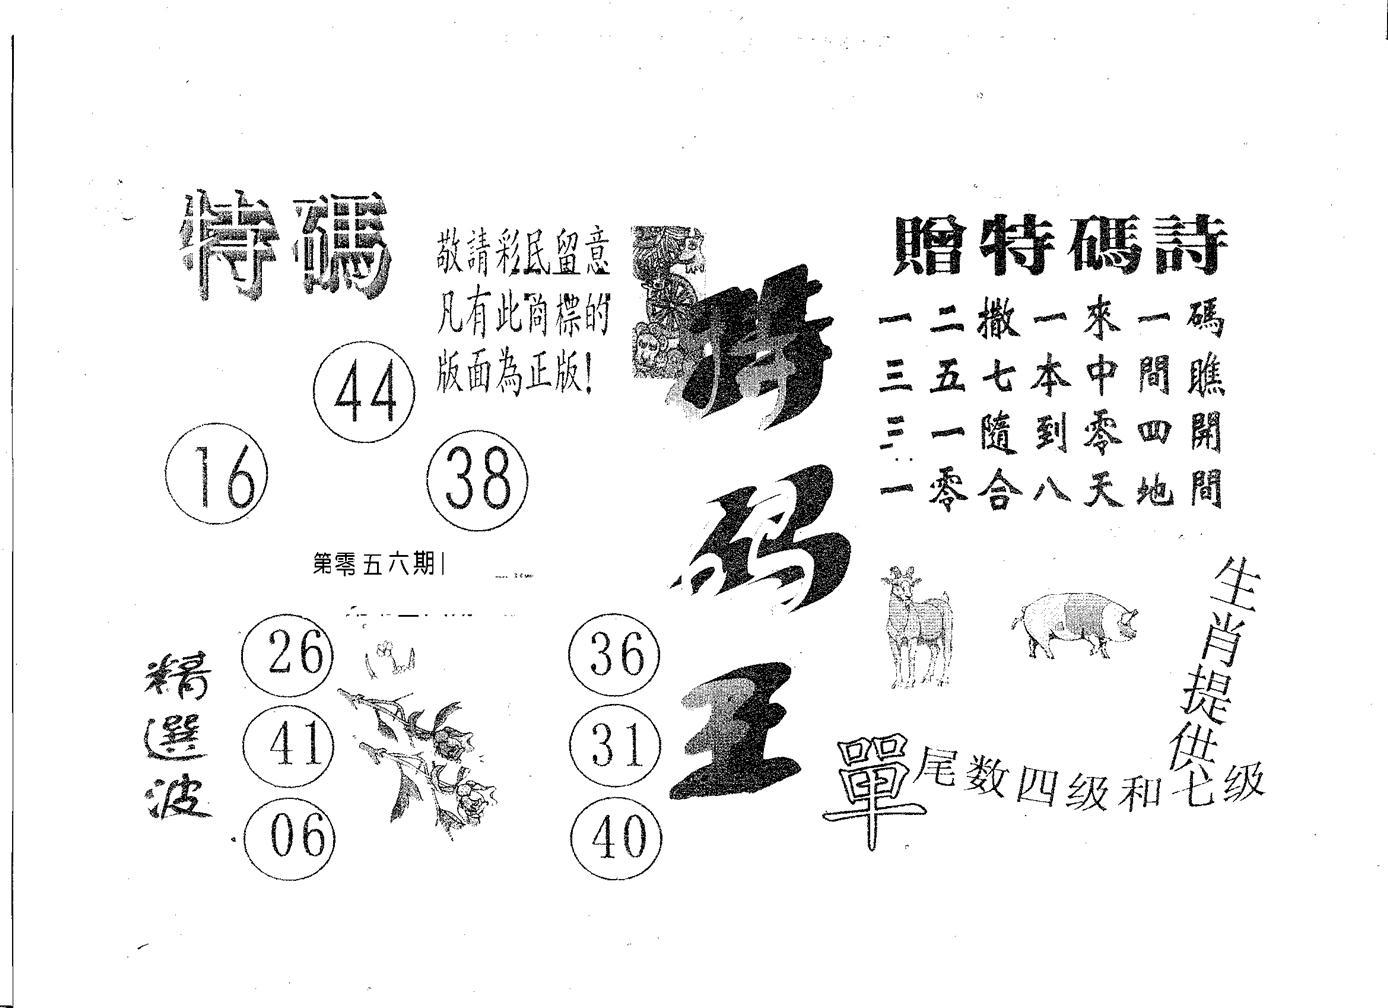 056期特码王A(黑白)